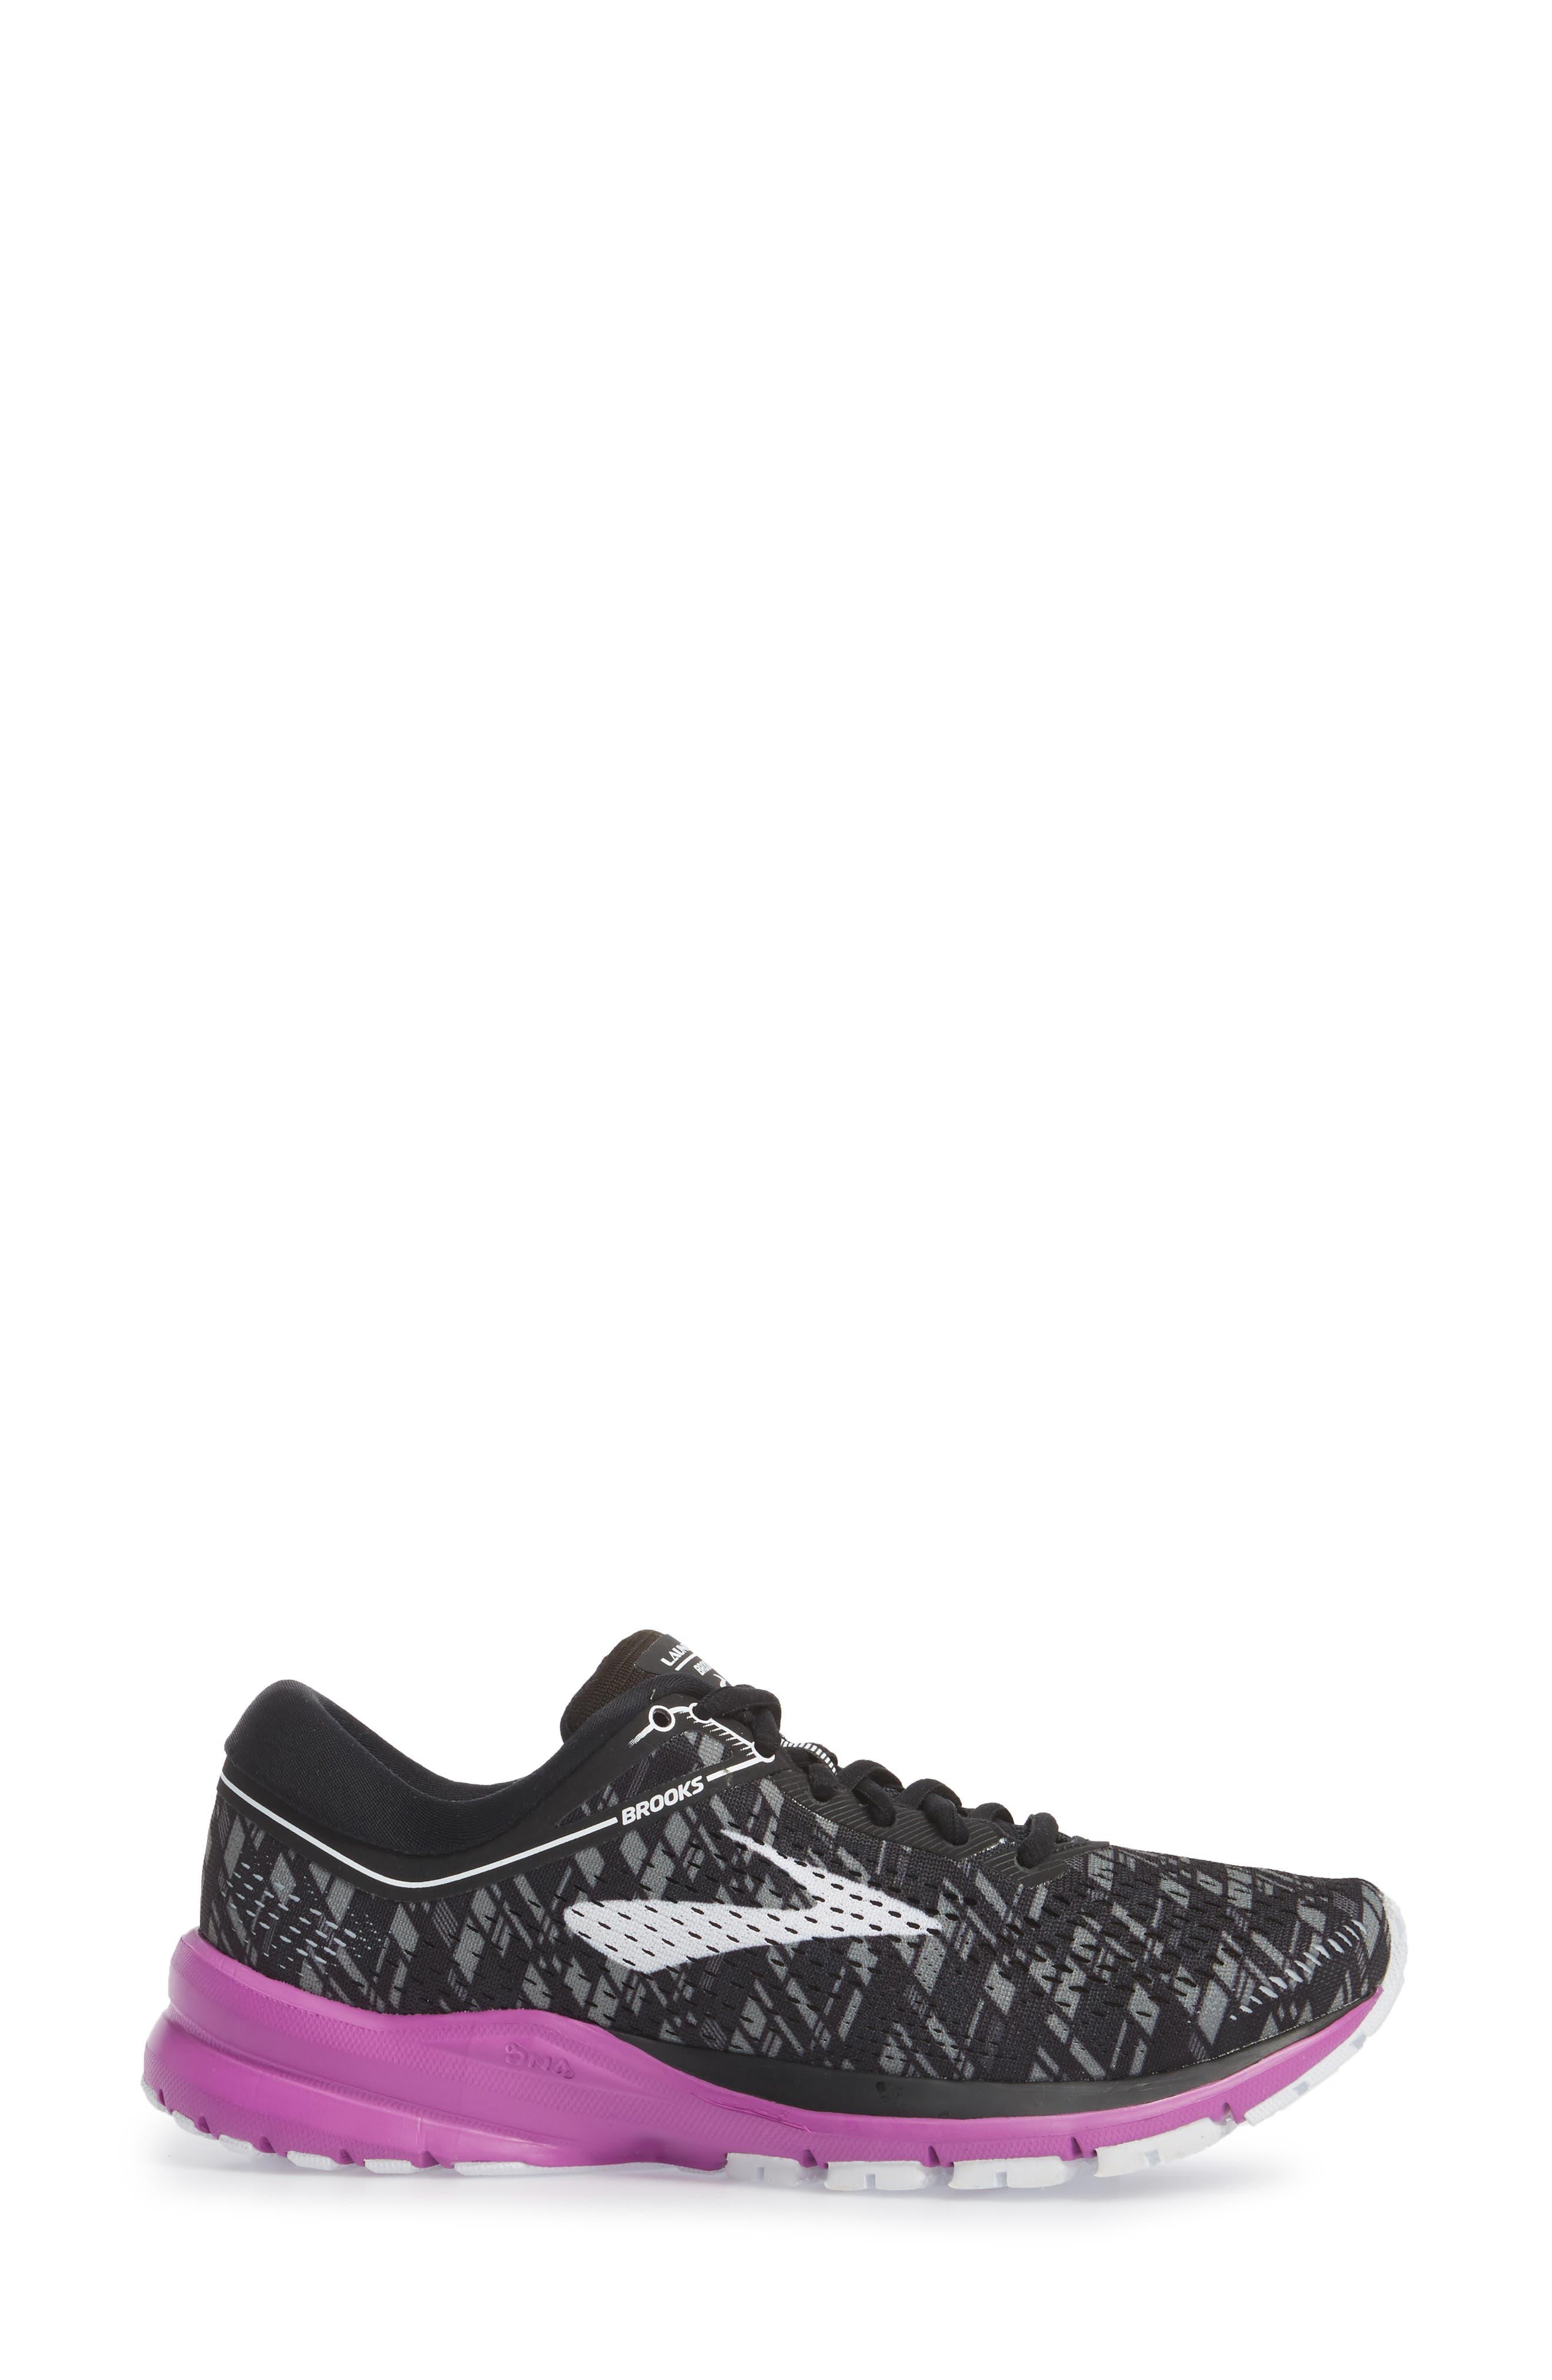 Alternate Image 3  - Brooks Launch 5 Running Shoe (Women)